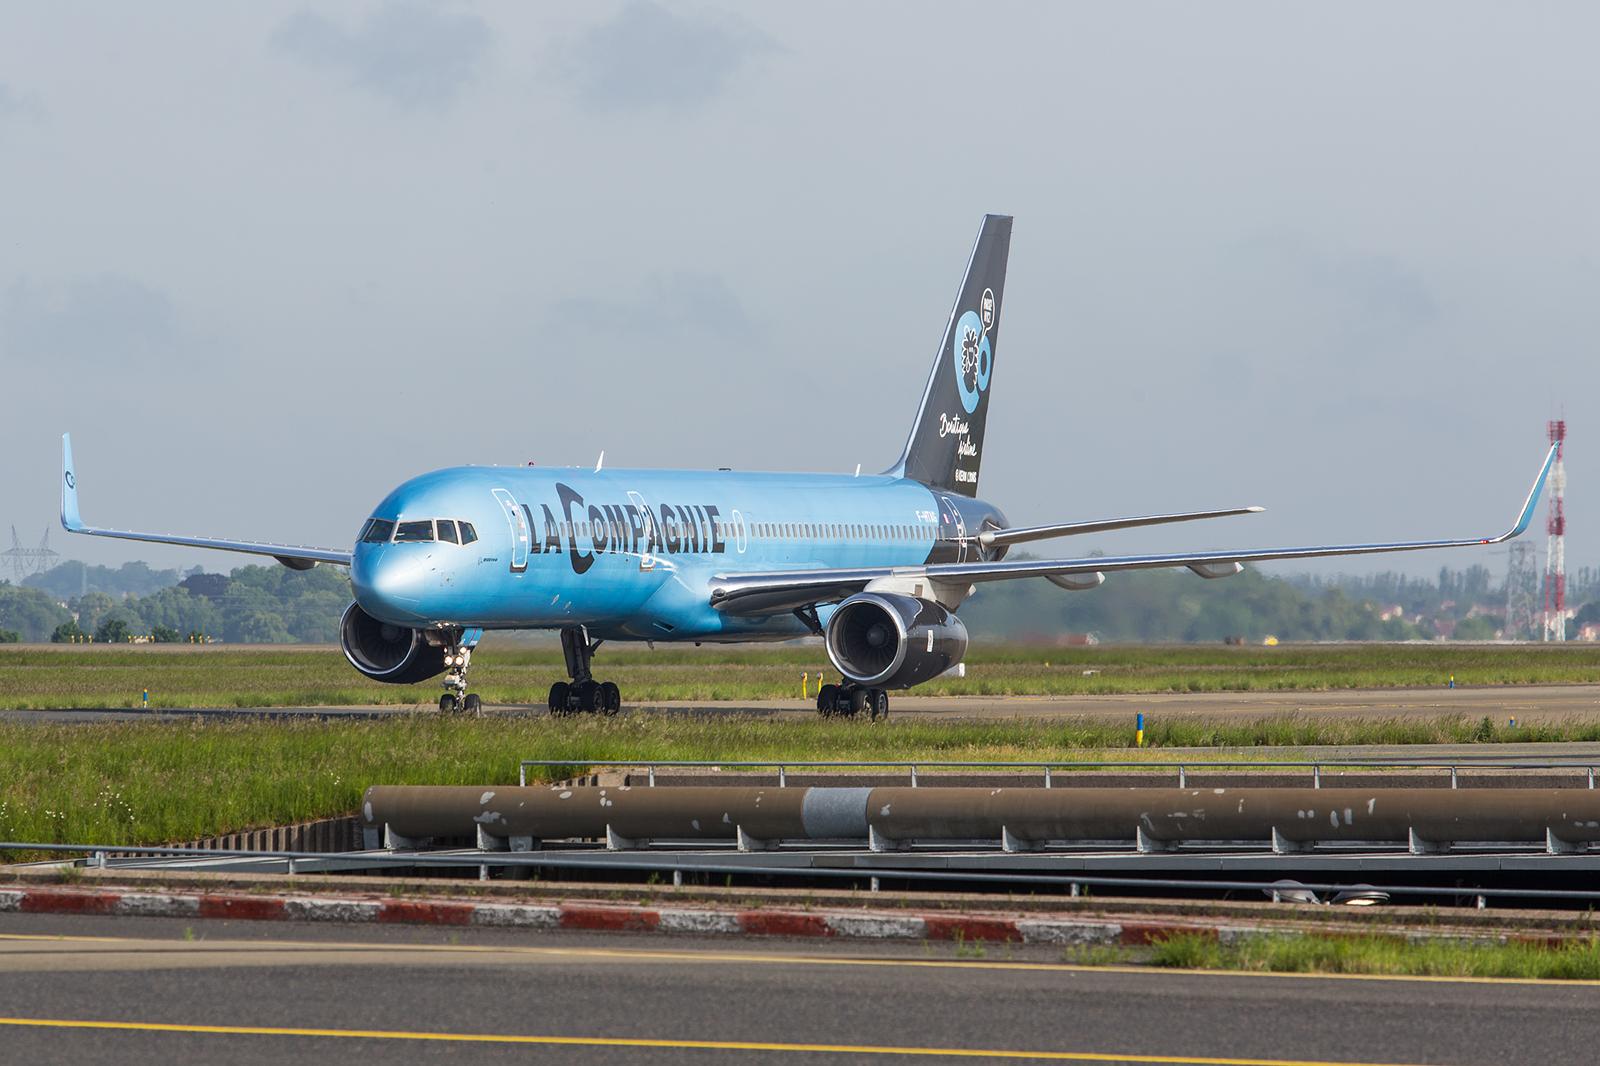 La Compagnie fliegt zwischen Paris und New York mit zwei Boeing 757-200 in reiner Business Class Bestuhlung